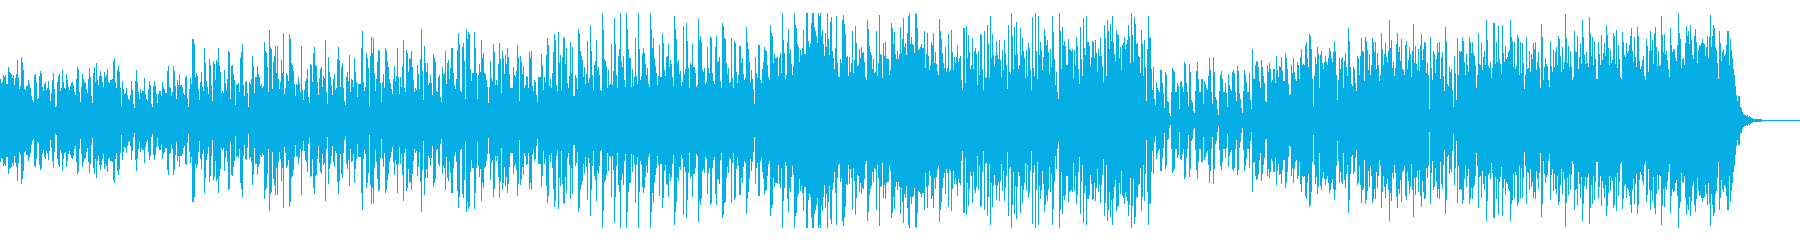 シンプルなアーバンビートの再生済みの波形